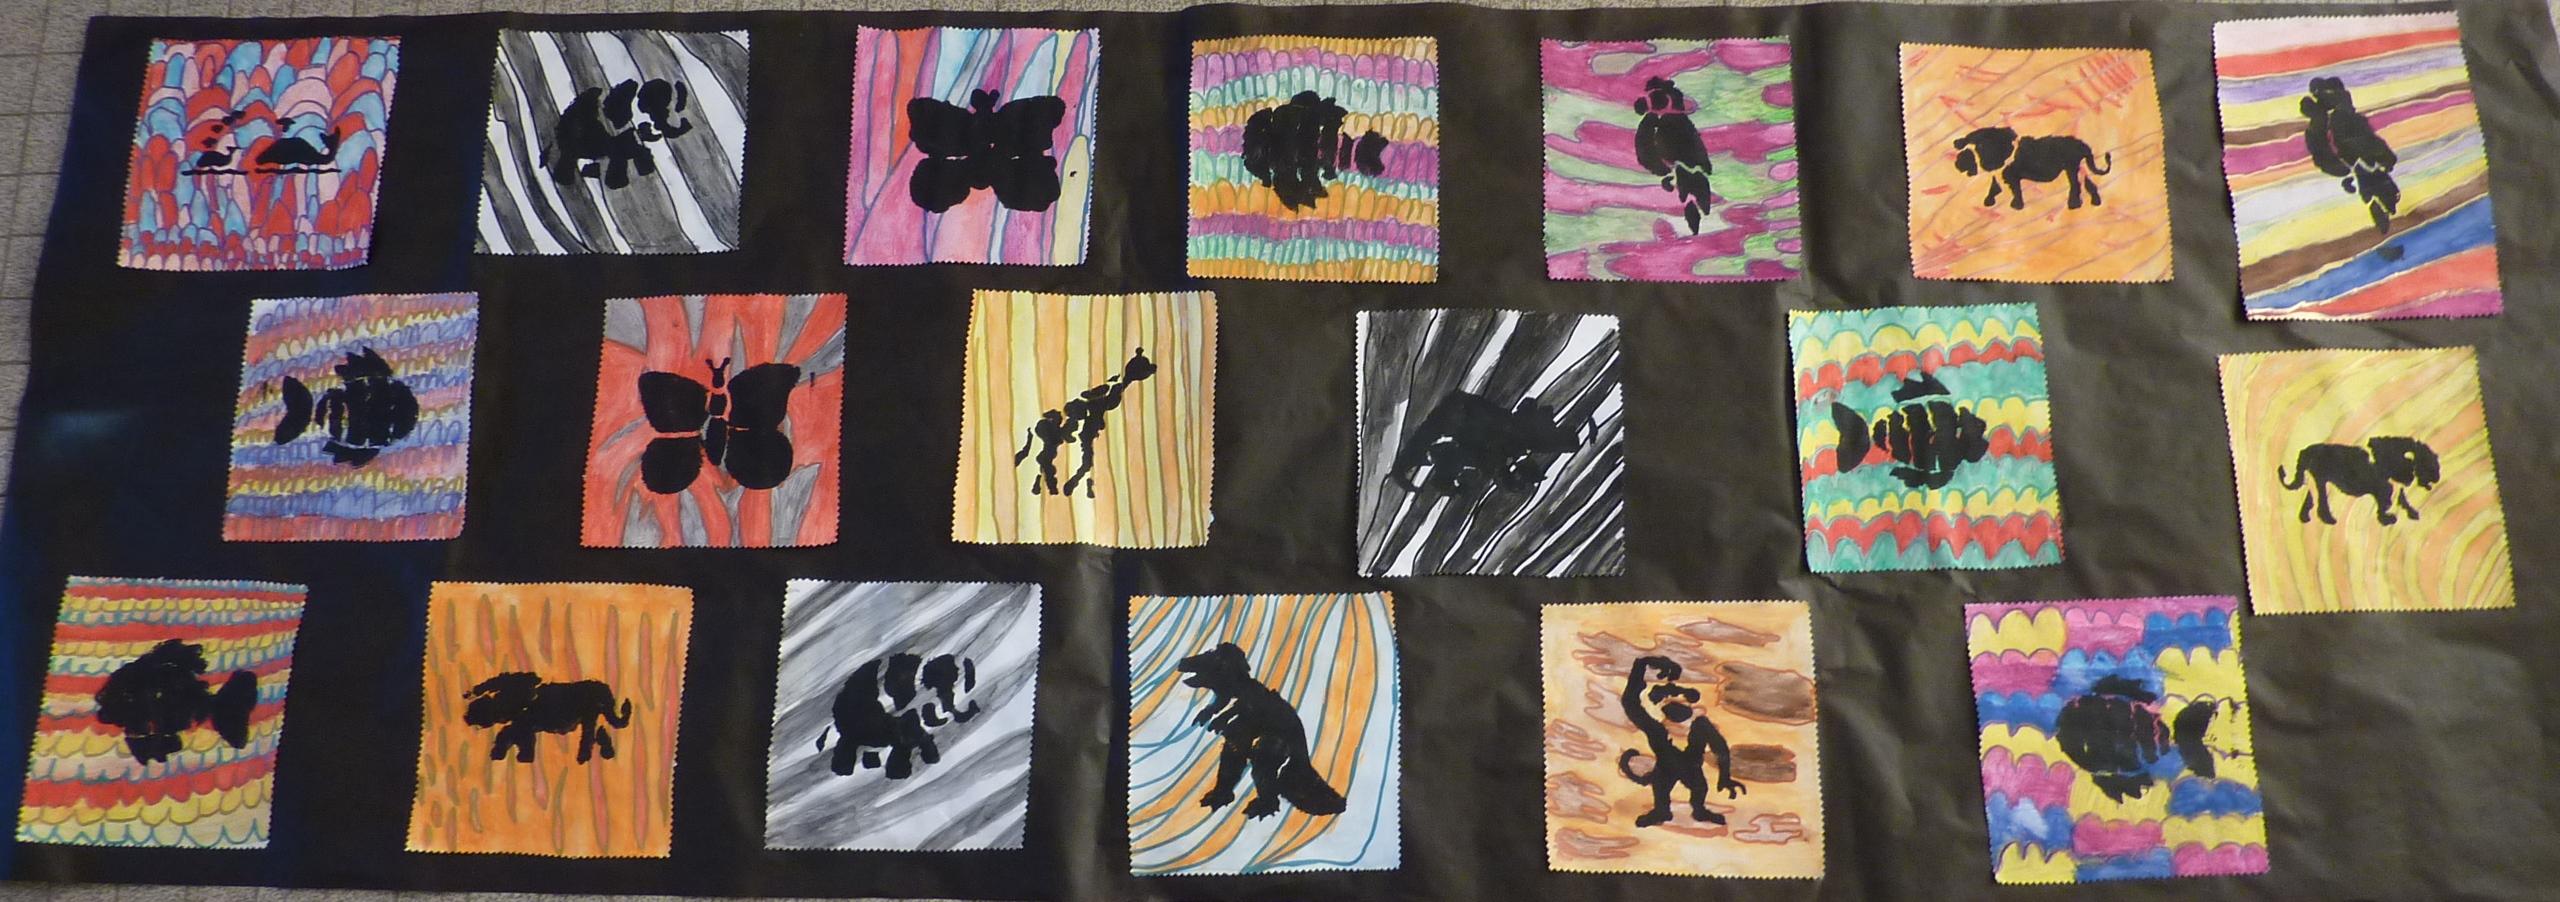 Top Arts visuels Afrique GS, CP et CE1 - Véro à l'école HR63